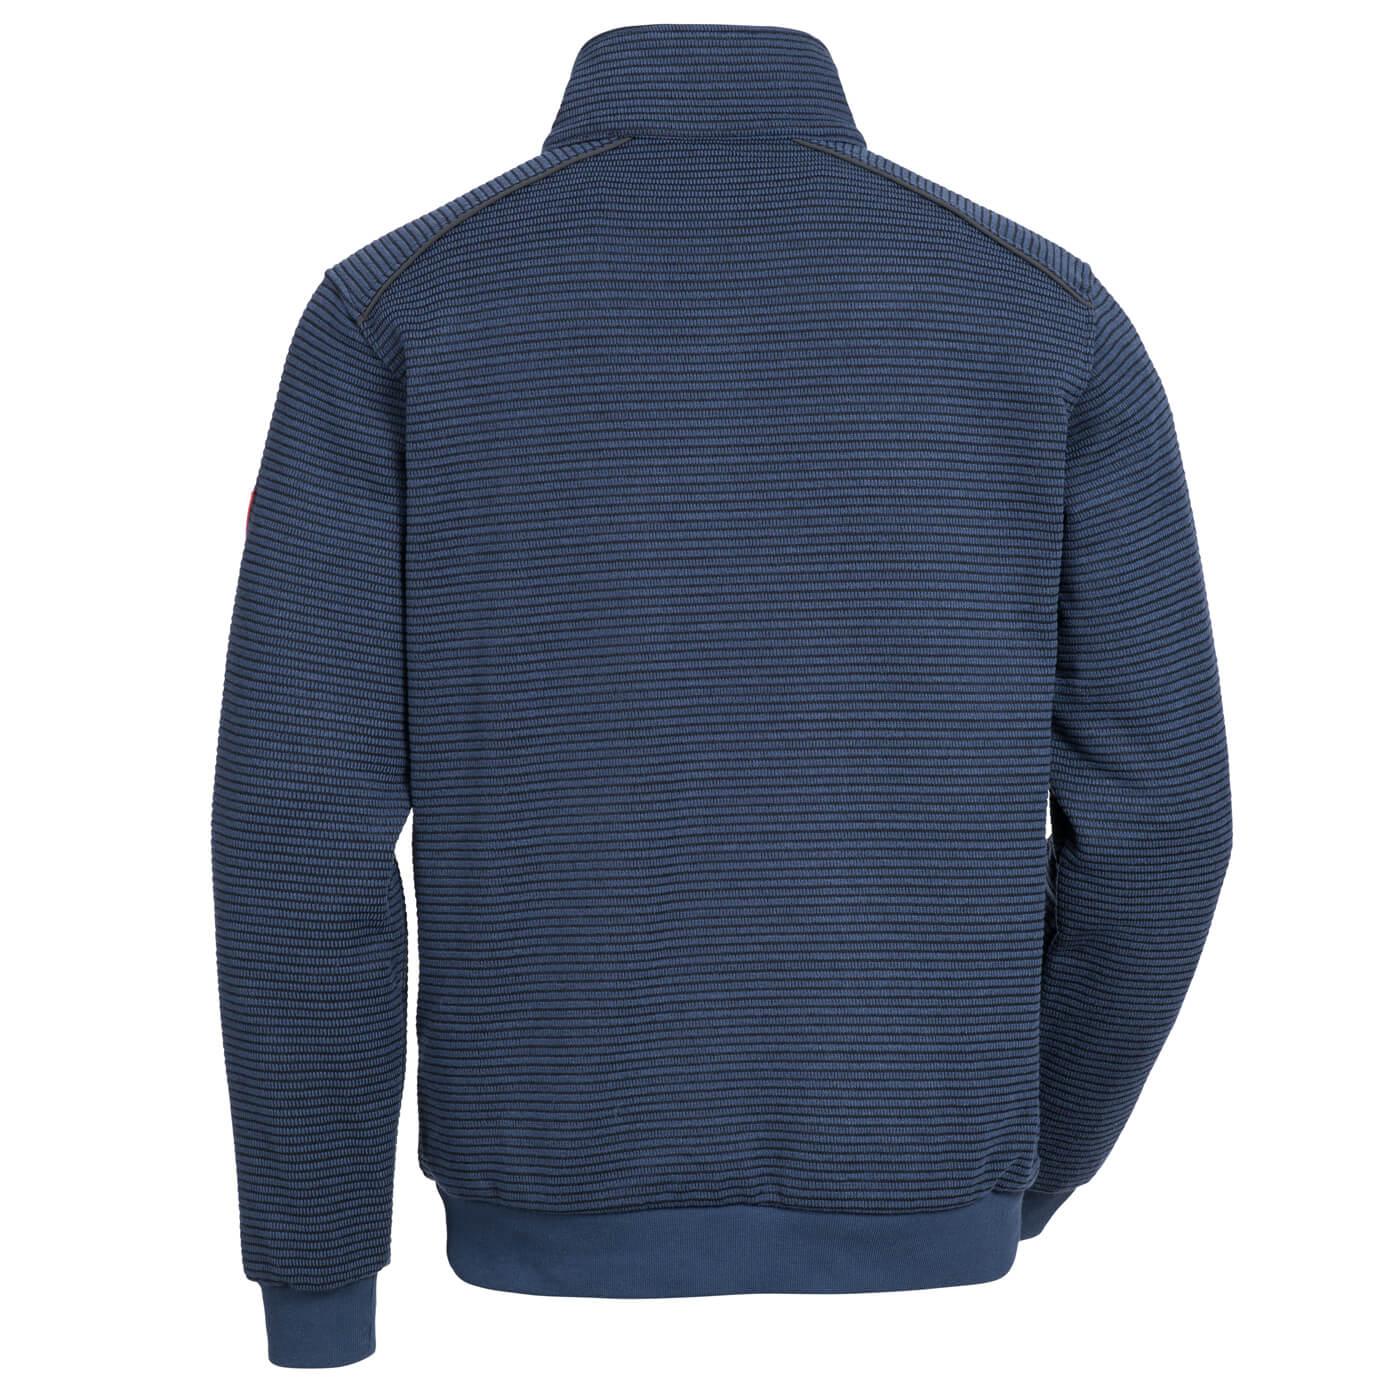 Bluza robocza Nitras 7036